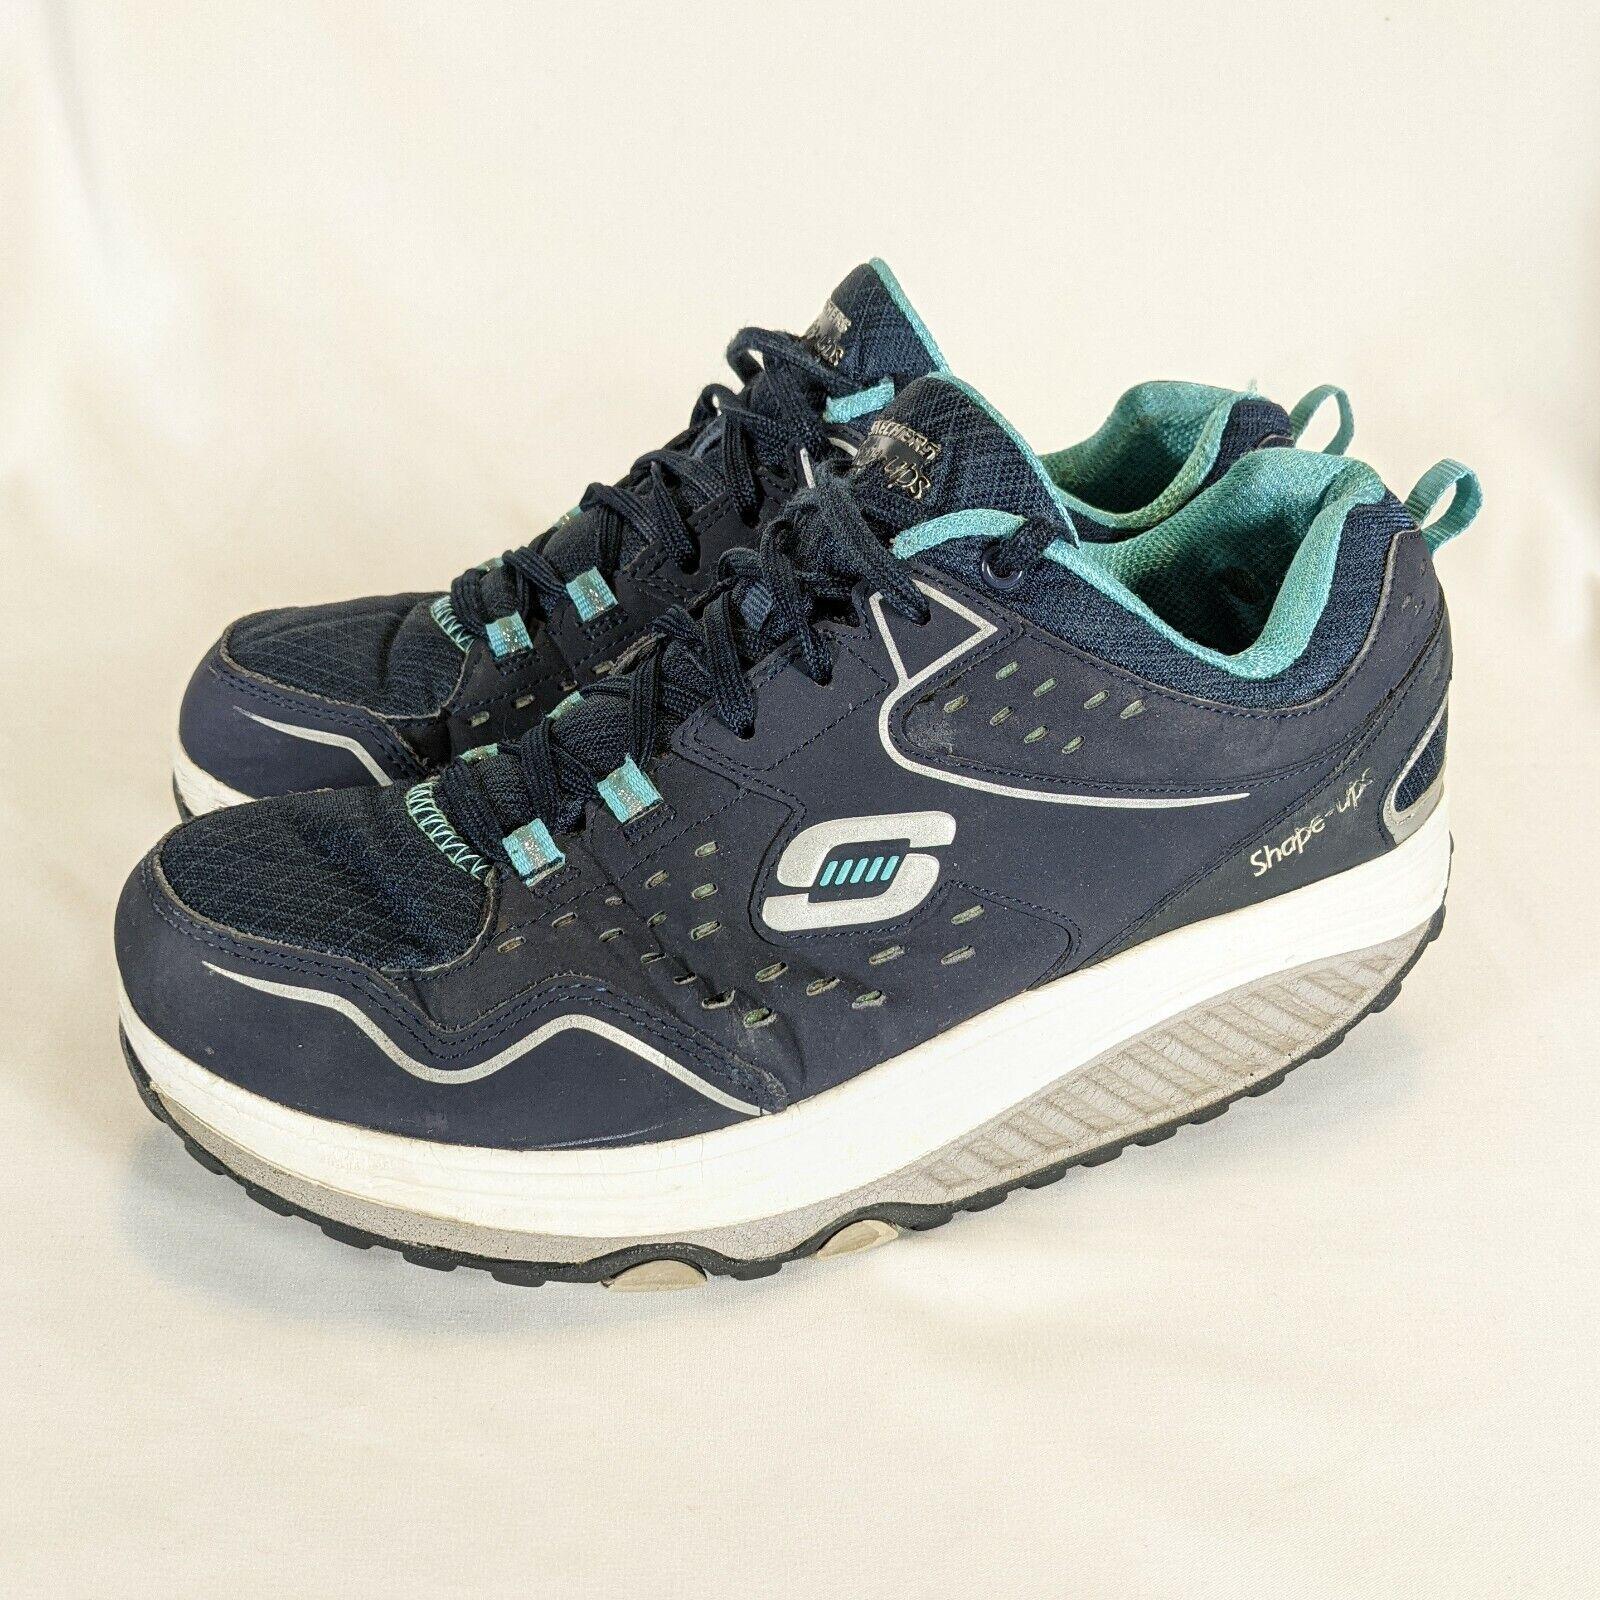 Skechers Shape Ups Femmes 9 refroidi par air en mousse à mémoire de forme bleu marine 57002